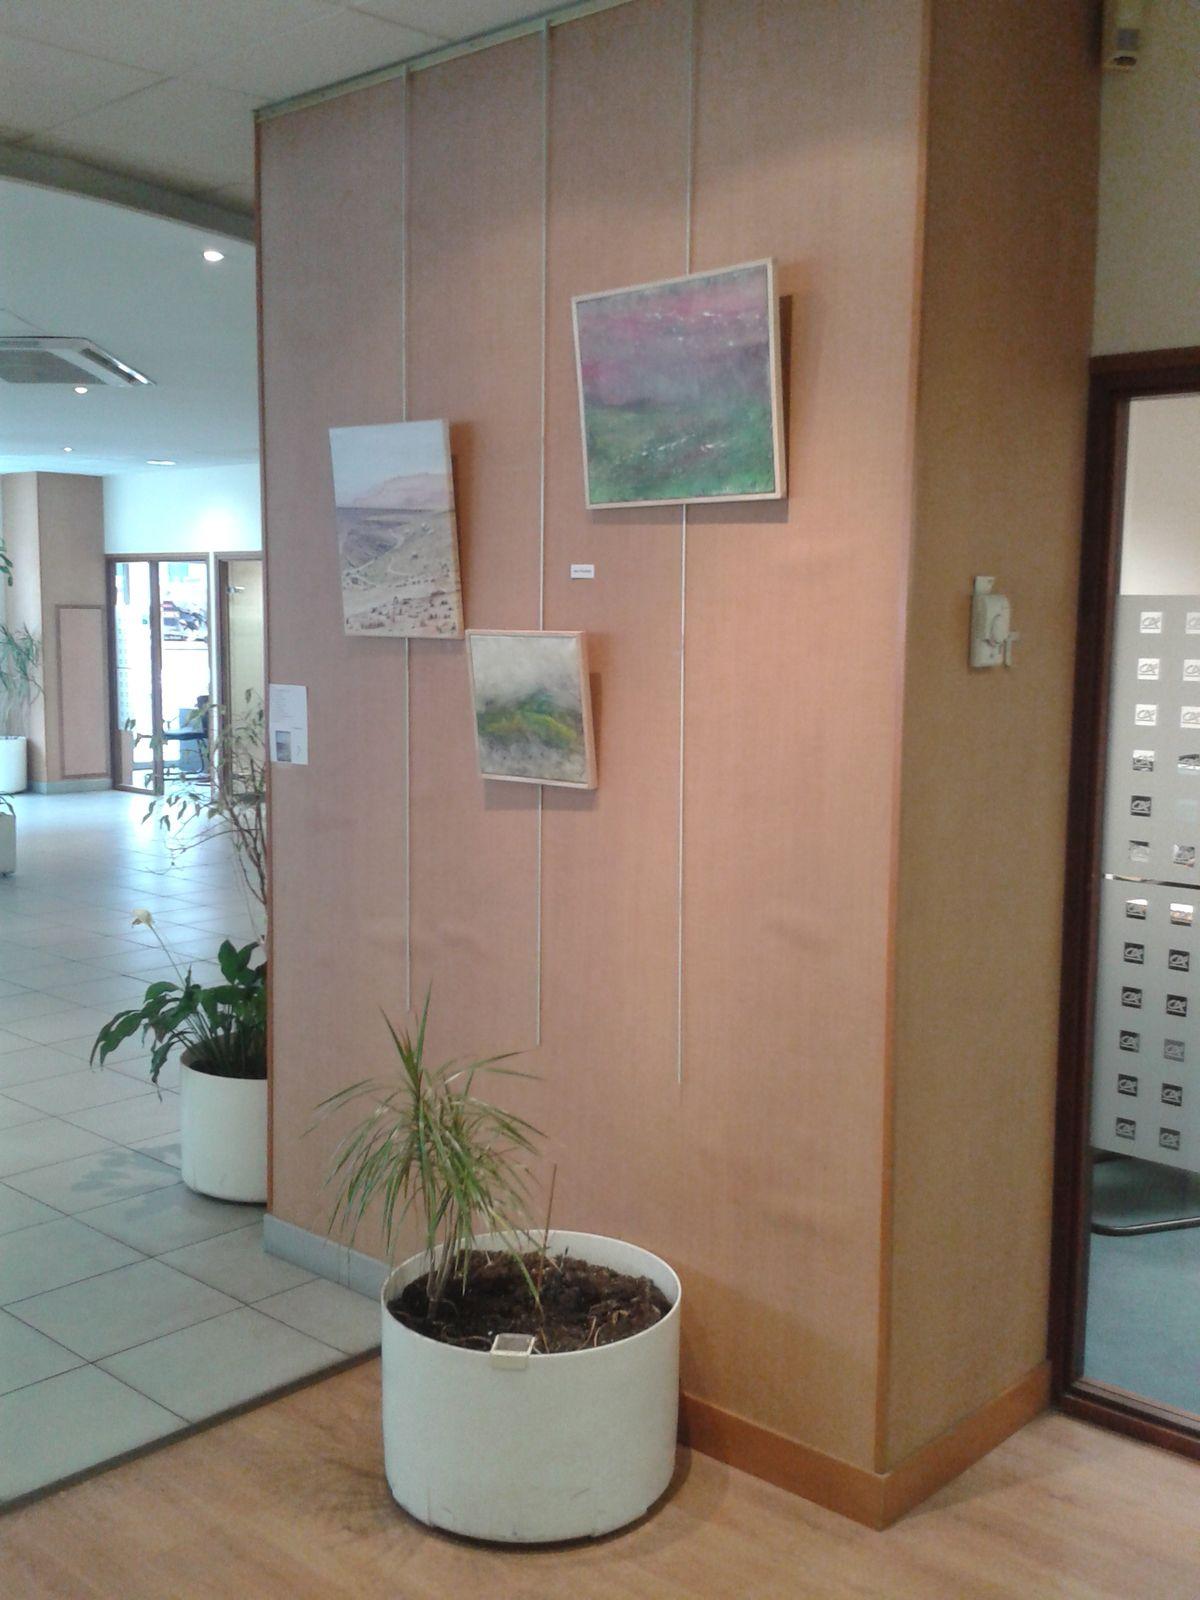 Exposition Crédit Agricole, 38 Rue Carnot du 1er Juin au 30 Juin 2016, 60000 Beauvais.